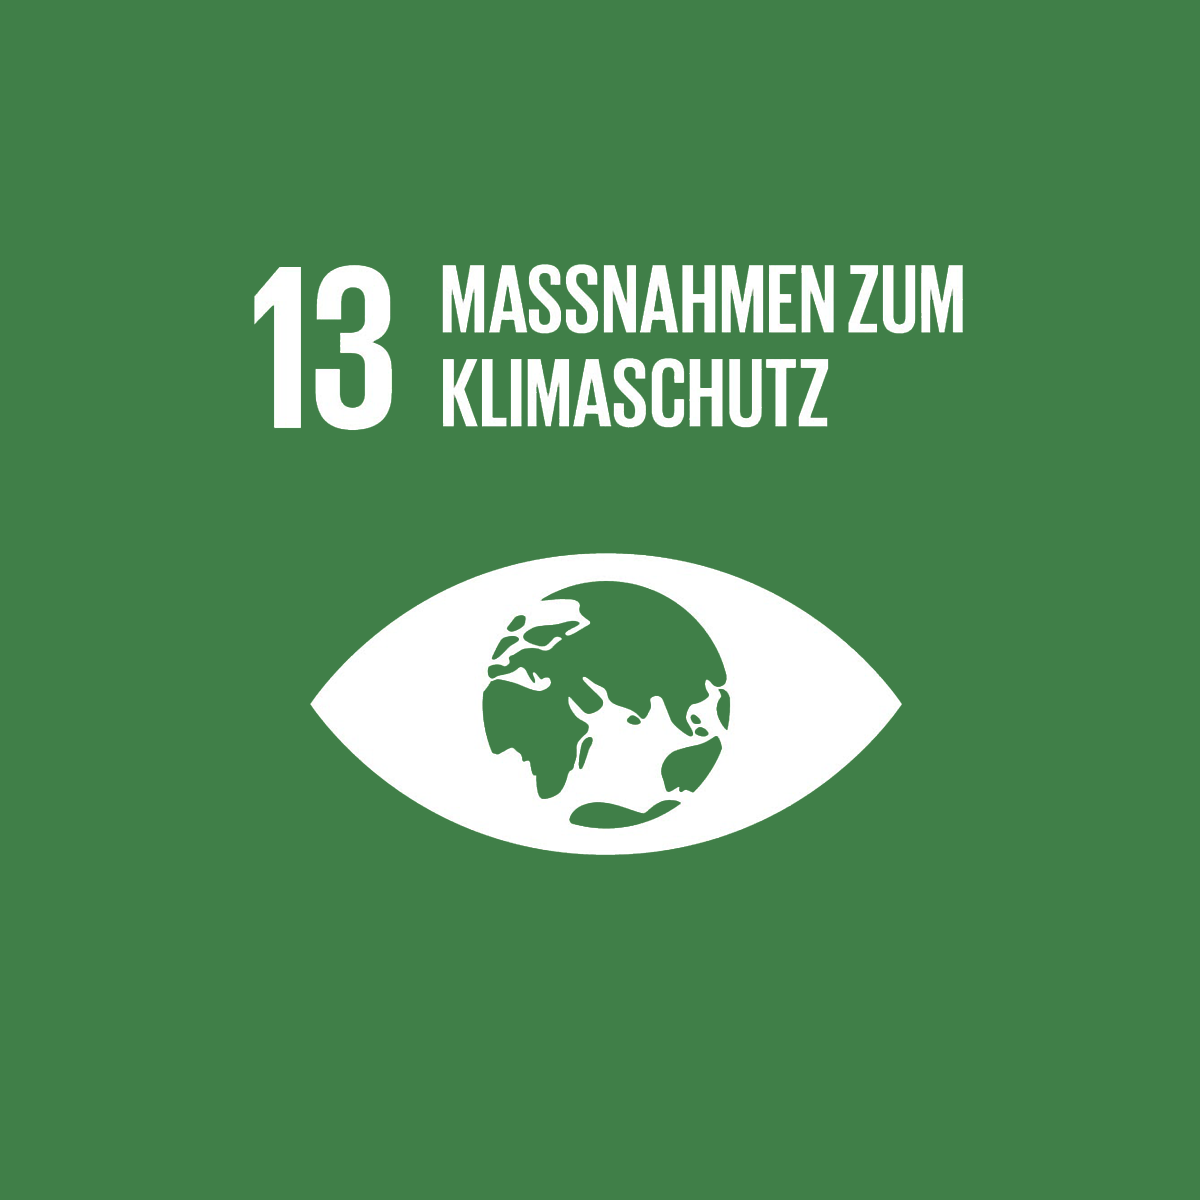 Maßnahmen und Klimaschutz